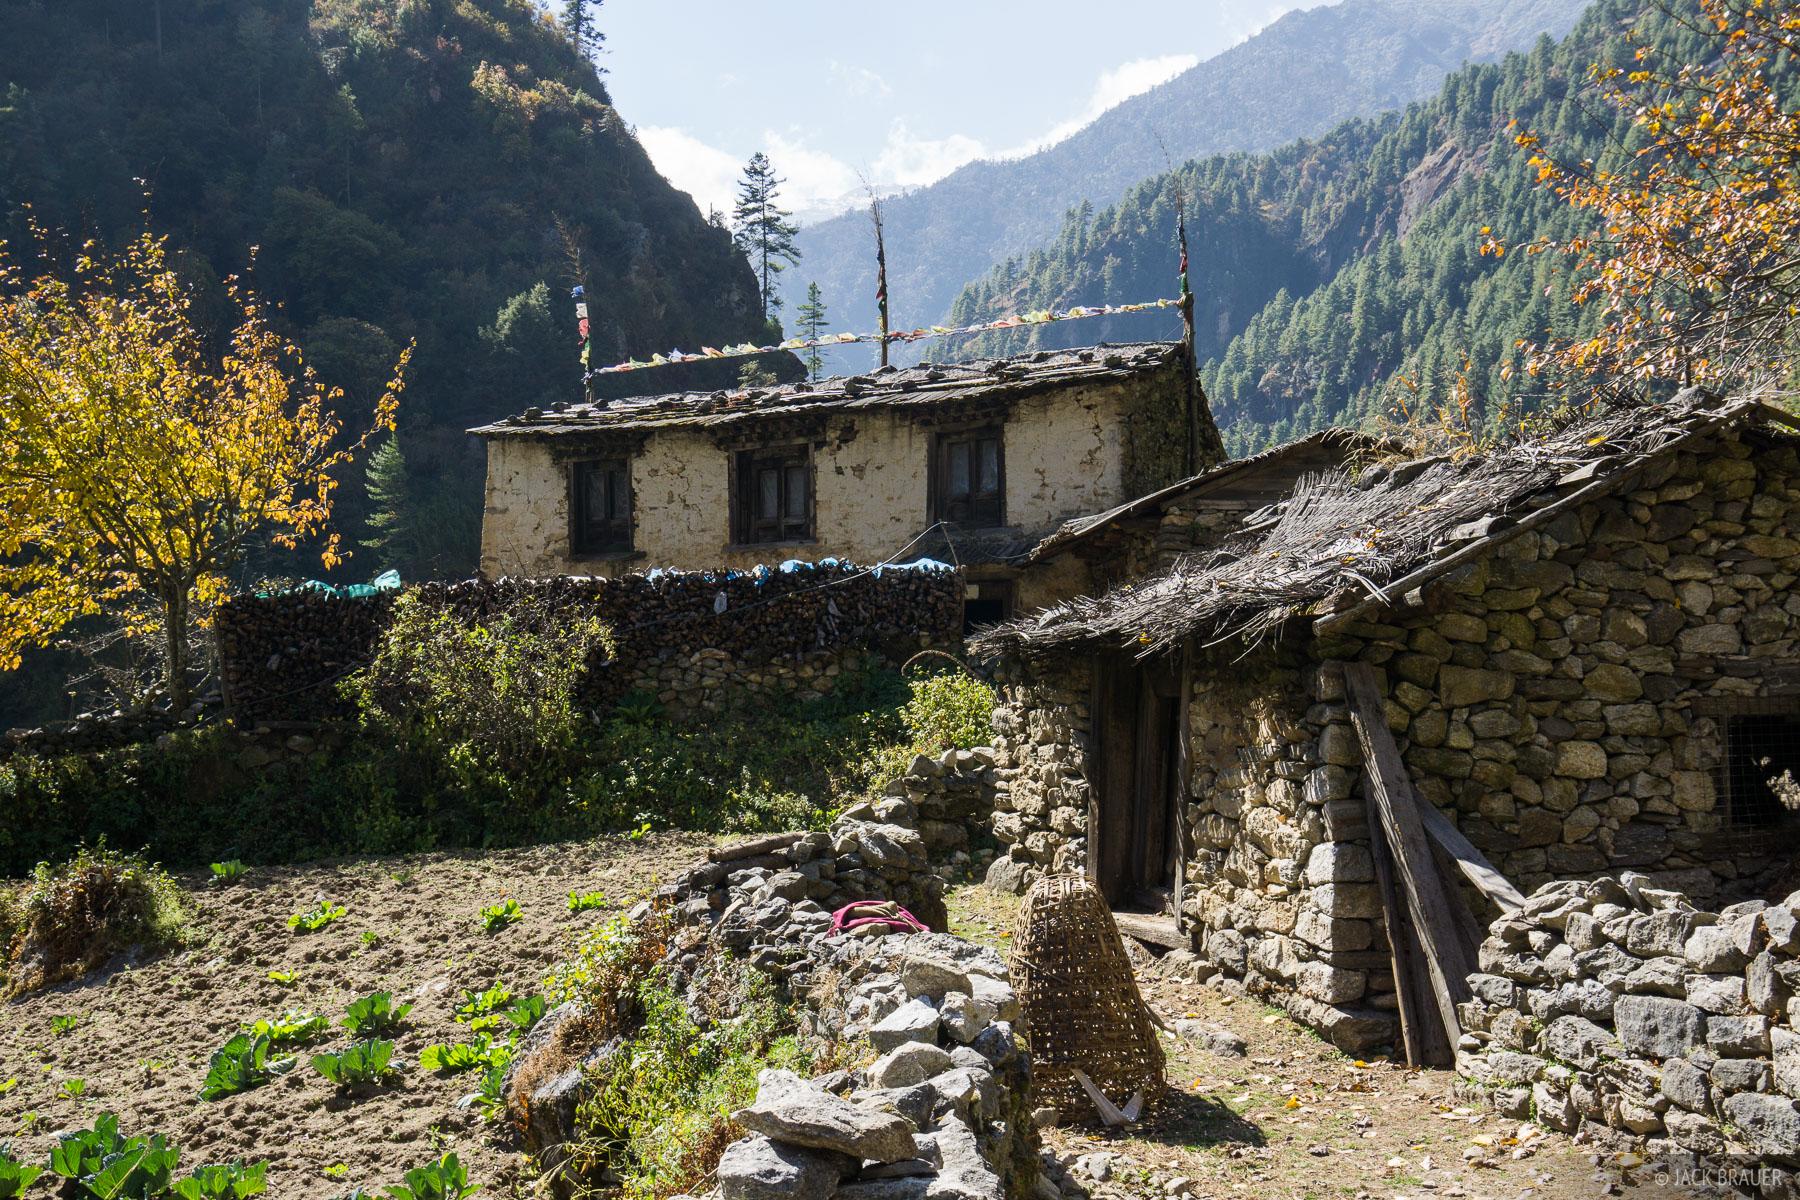 Himalaya,Khumbu,Nepal, Bengkar, photo